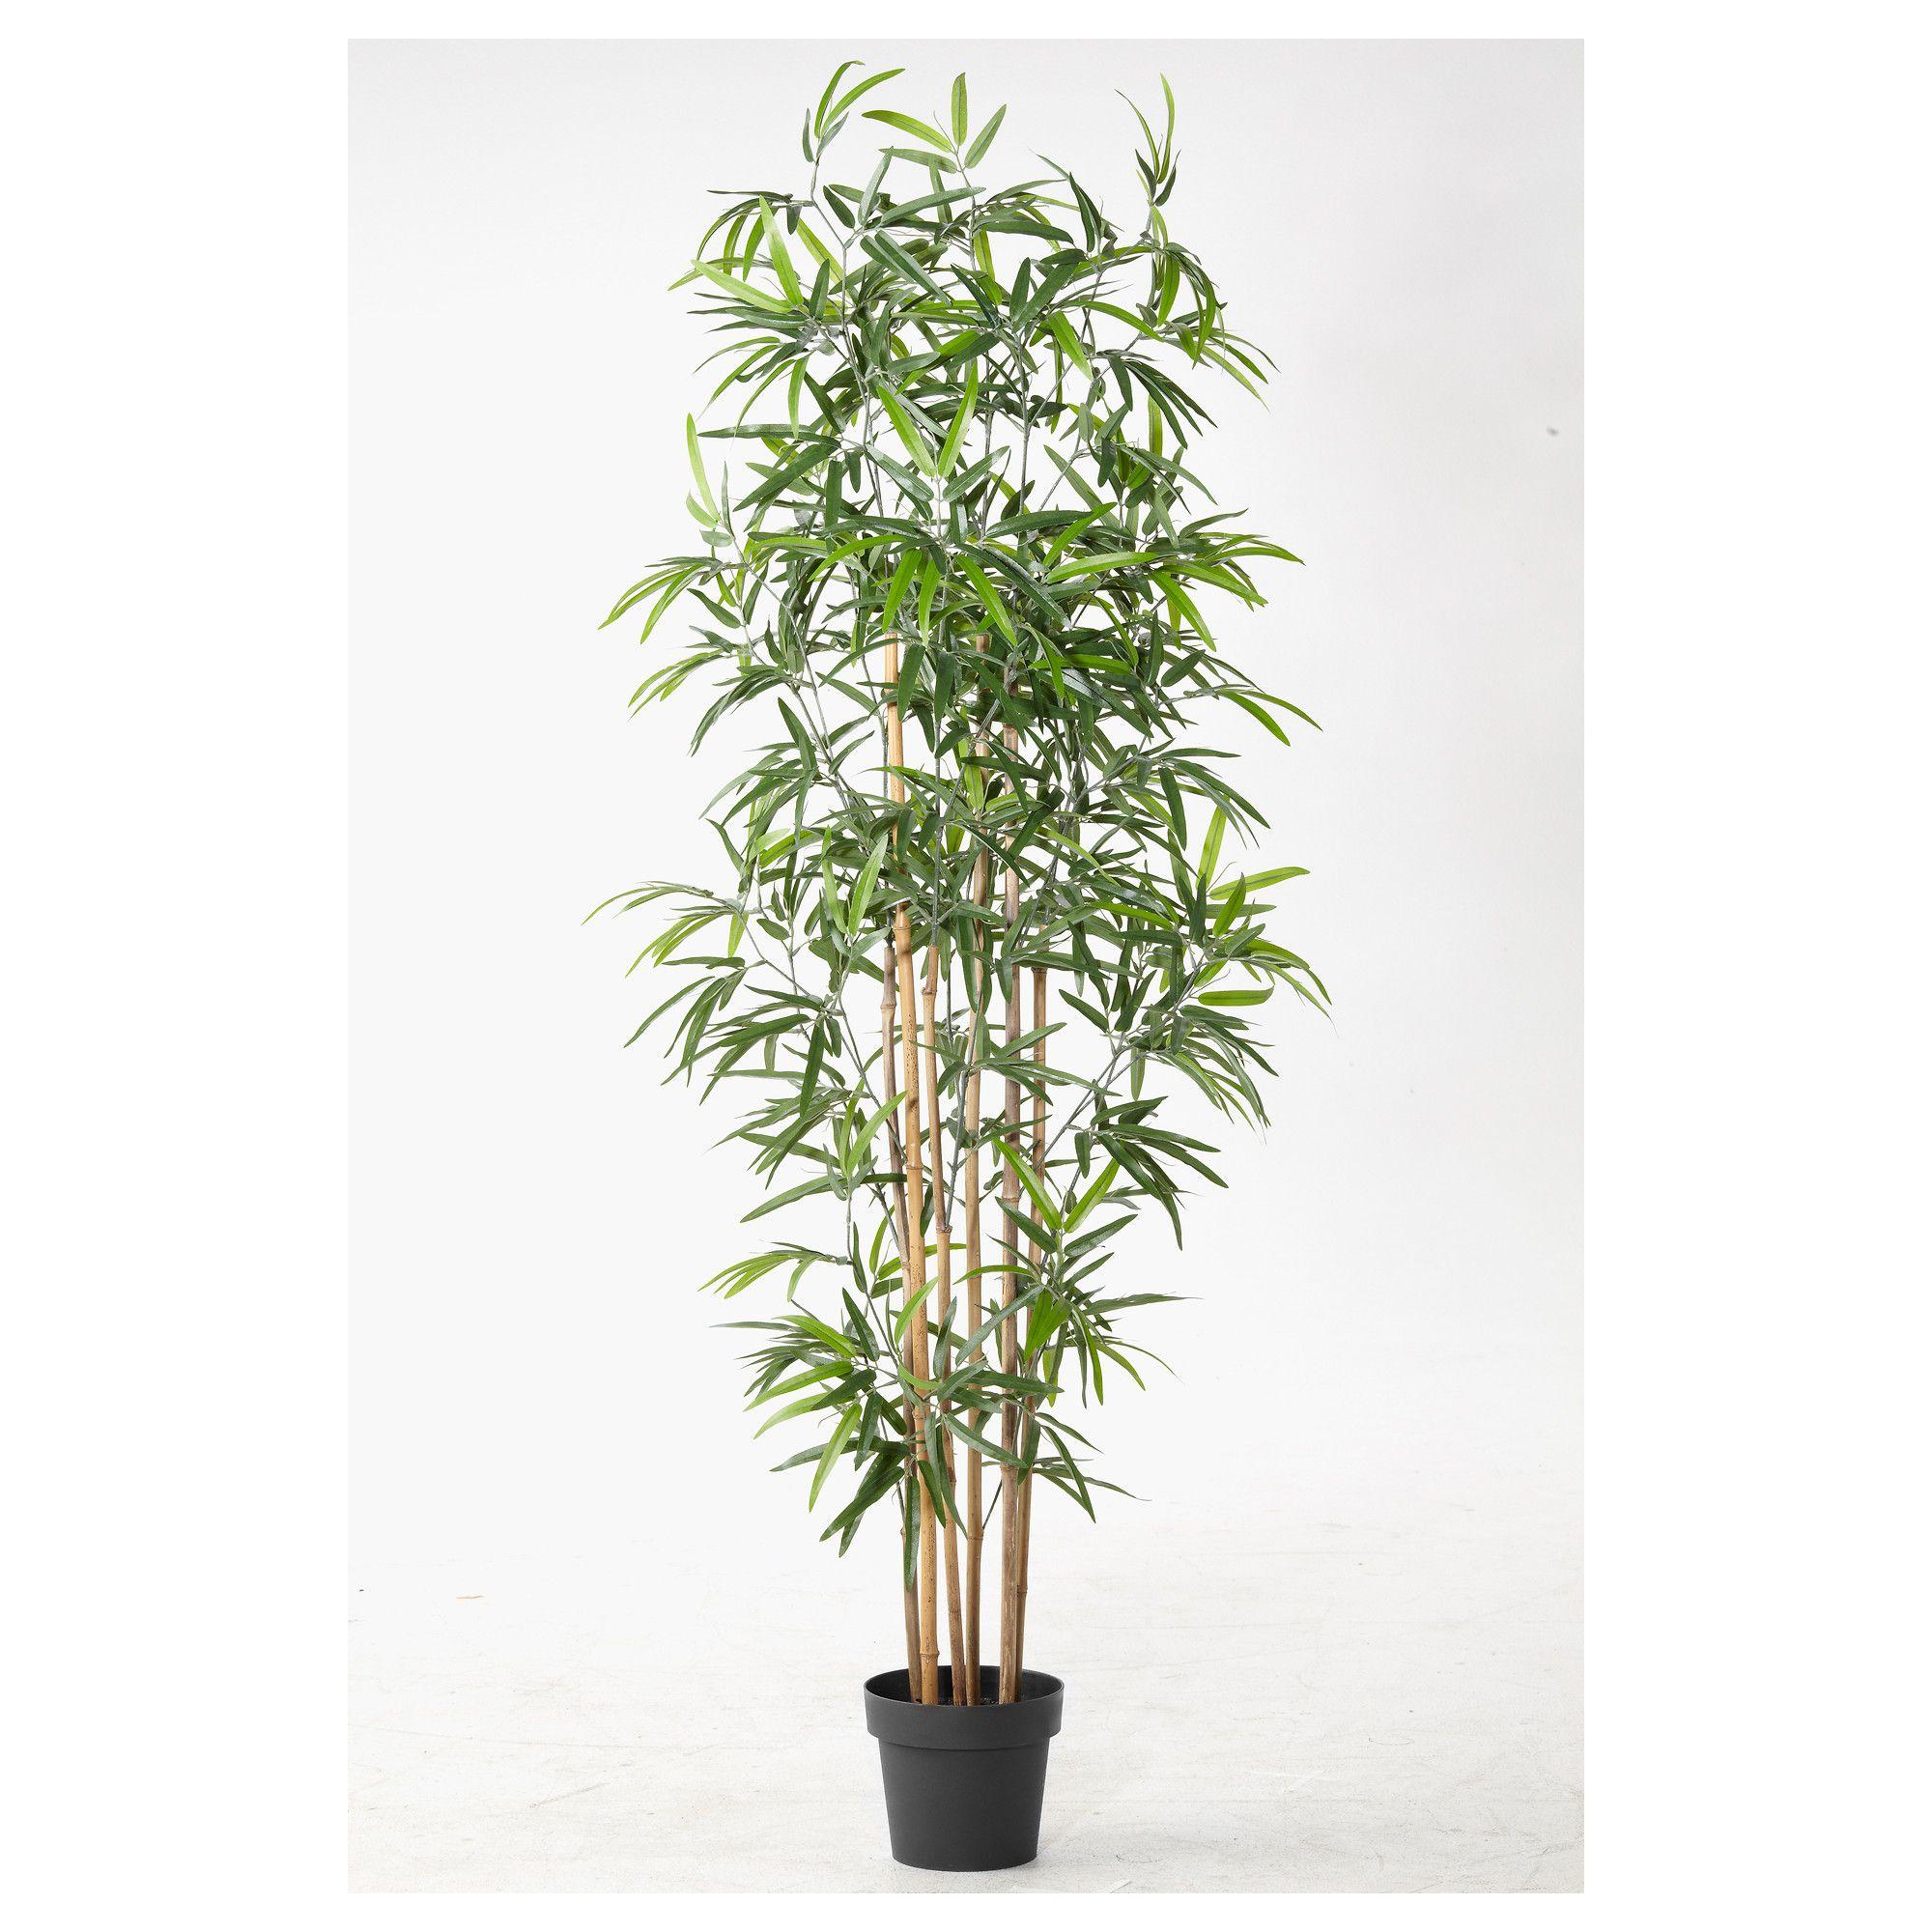 Fejka planta artificial bamb ambientacion plantas y - Plantas ikea naturales ...